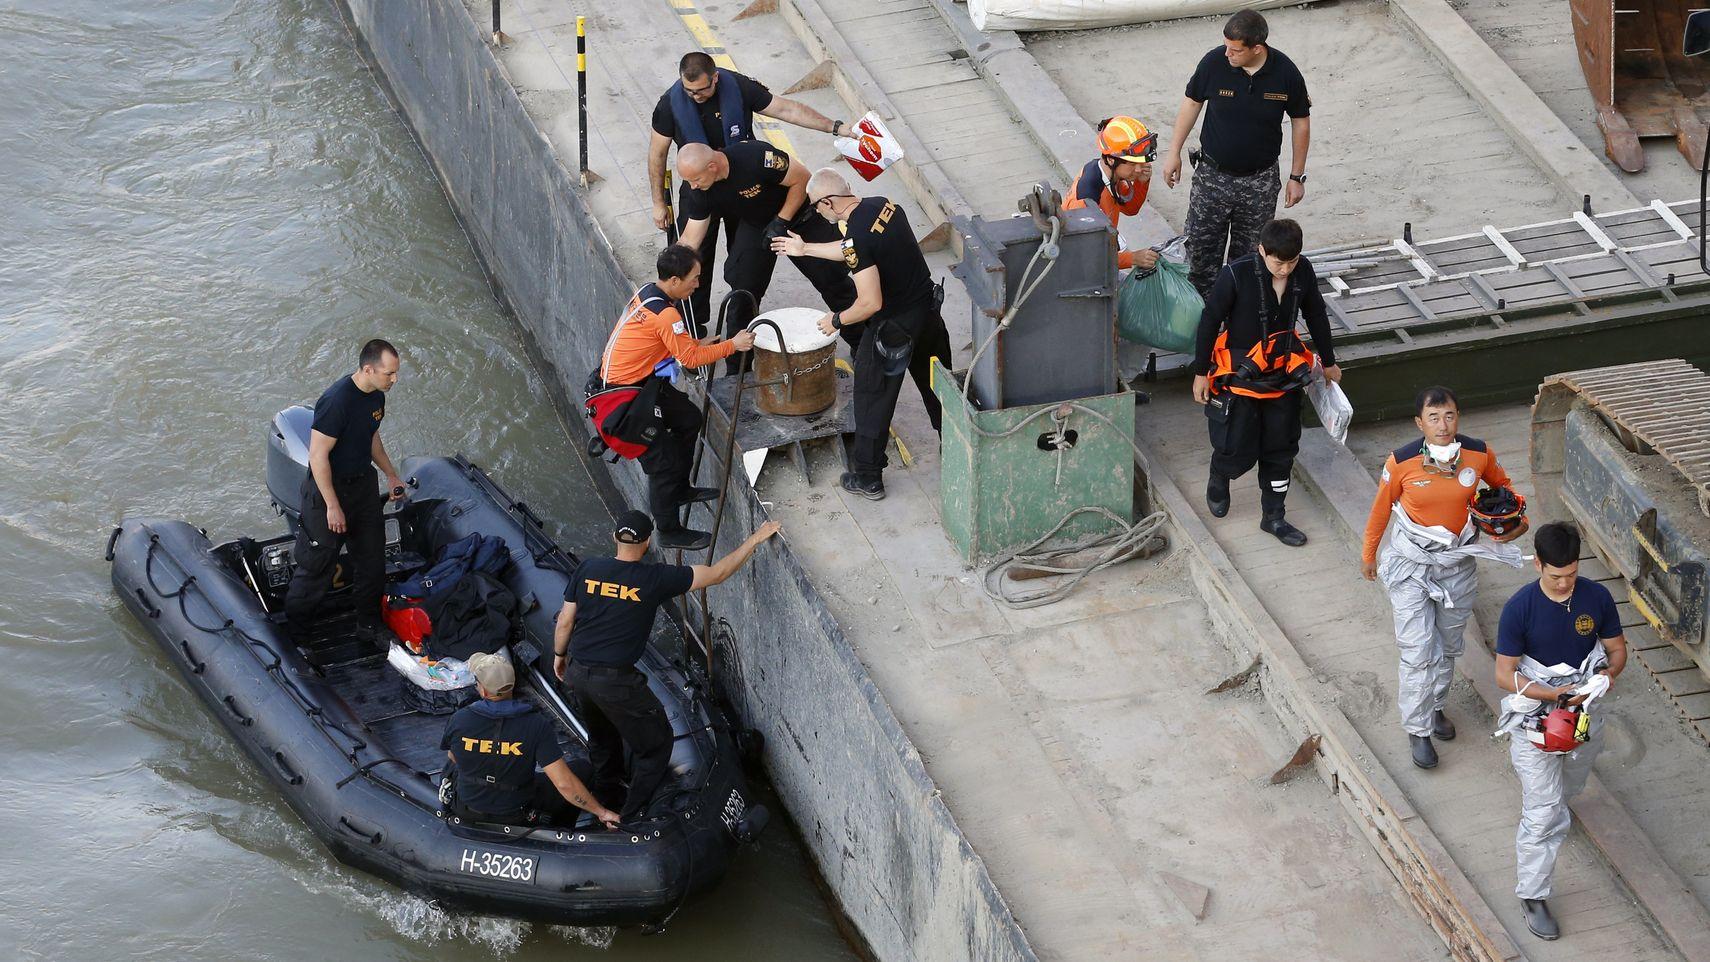 """Leute arbeiten in der Nähe der Margaretenbrücke auf der Donau, um die Bergung des gesunkenen Schiffswracks vorzubereiten. Nach dem schweren Unglück am 29. Mai 2019 auf der Donau arbeiten die Einsatzkräfte weiter daran, das Wrack der """"Hableany"""" zu bergen."""